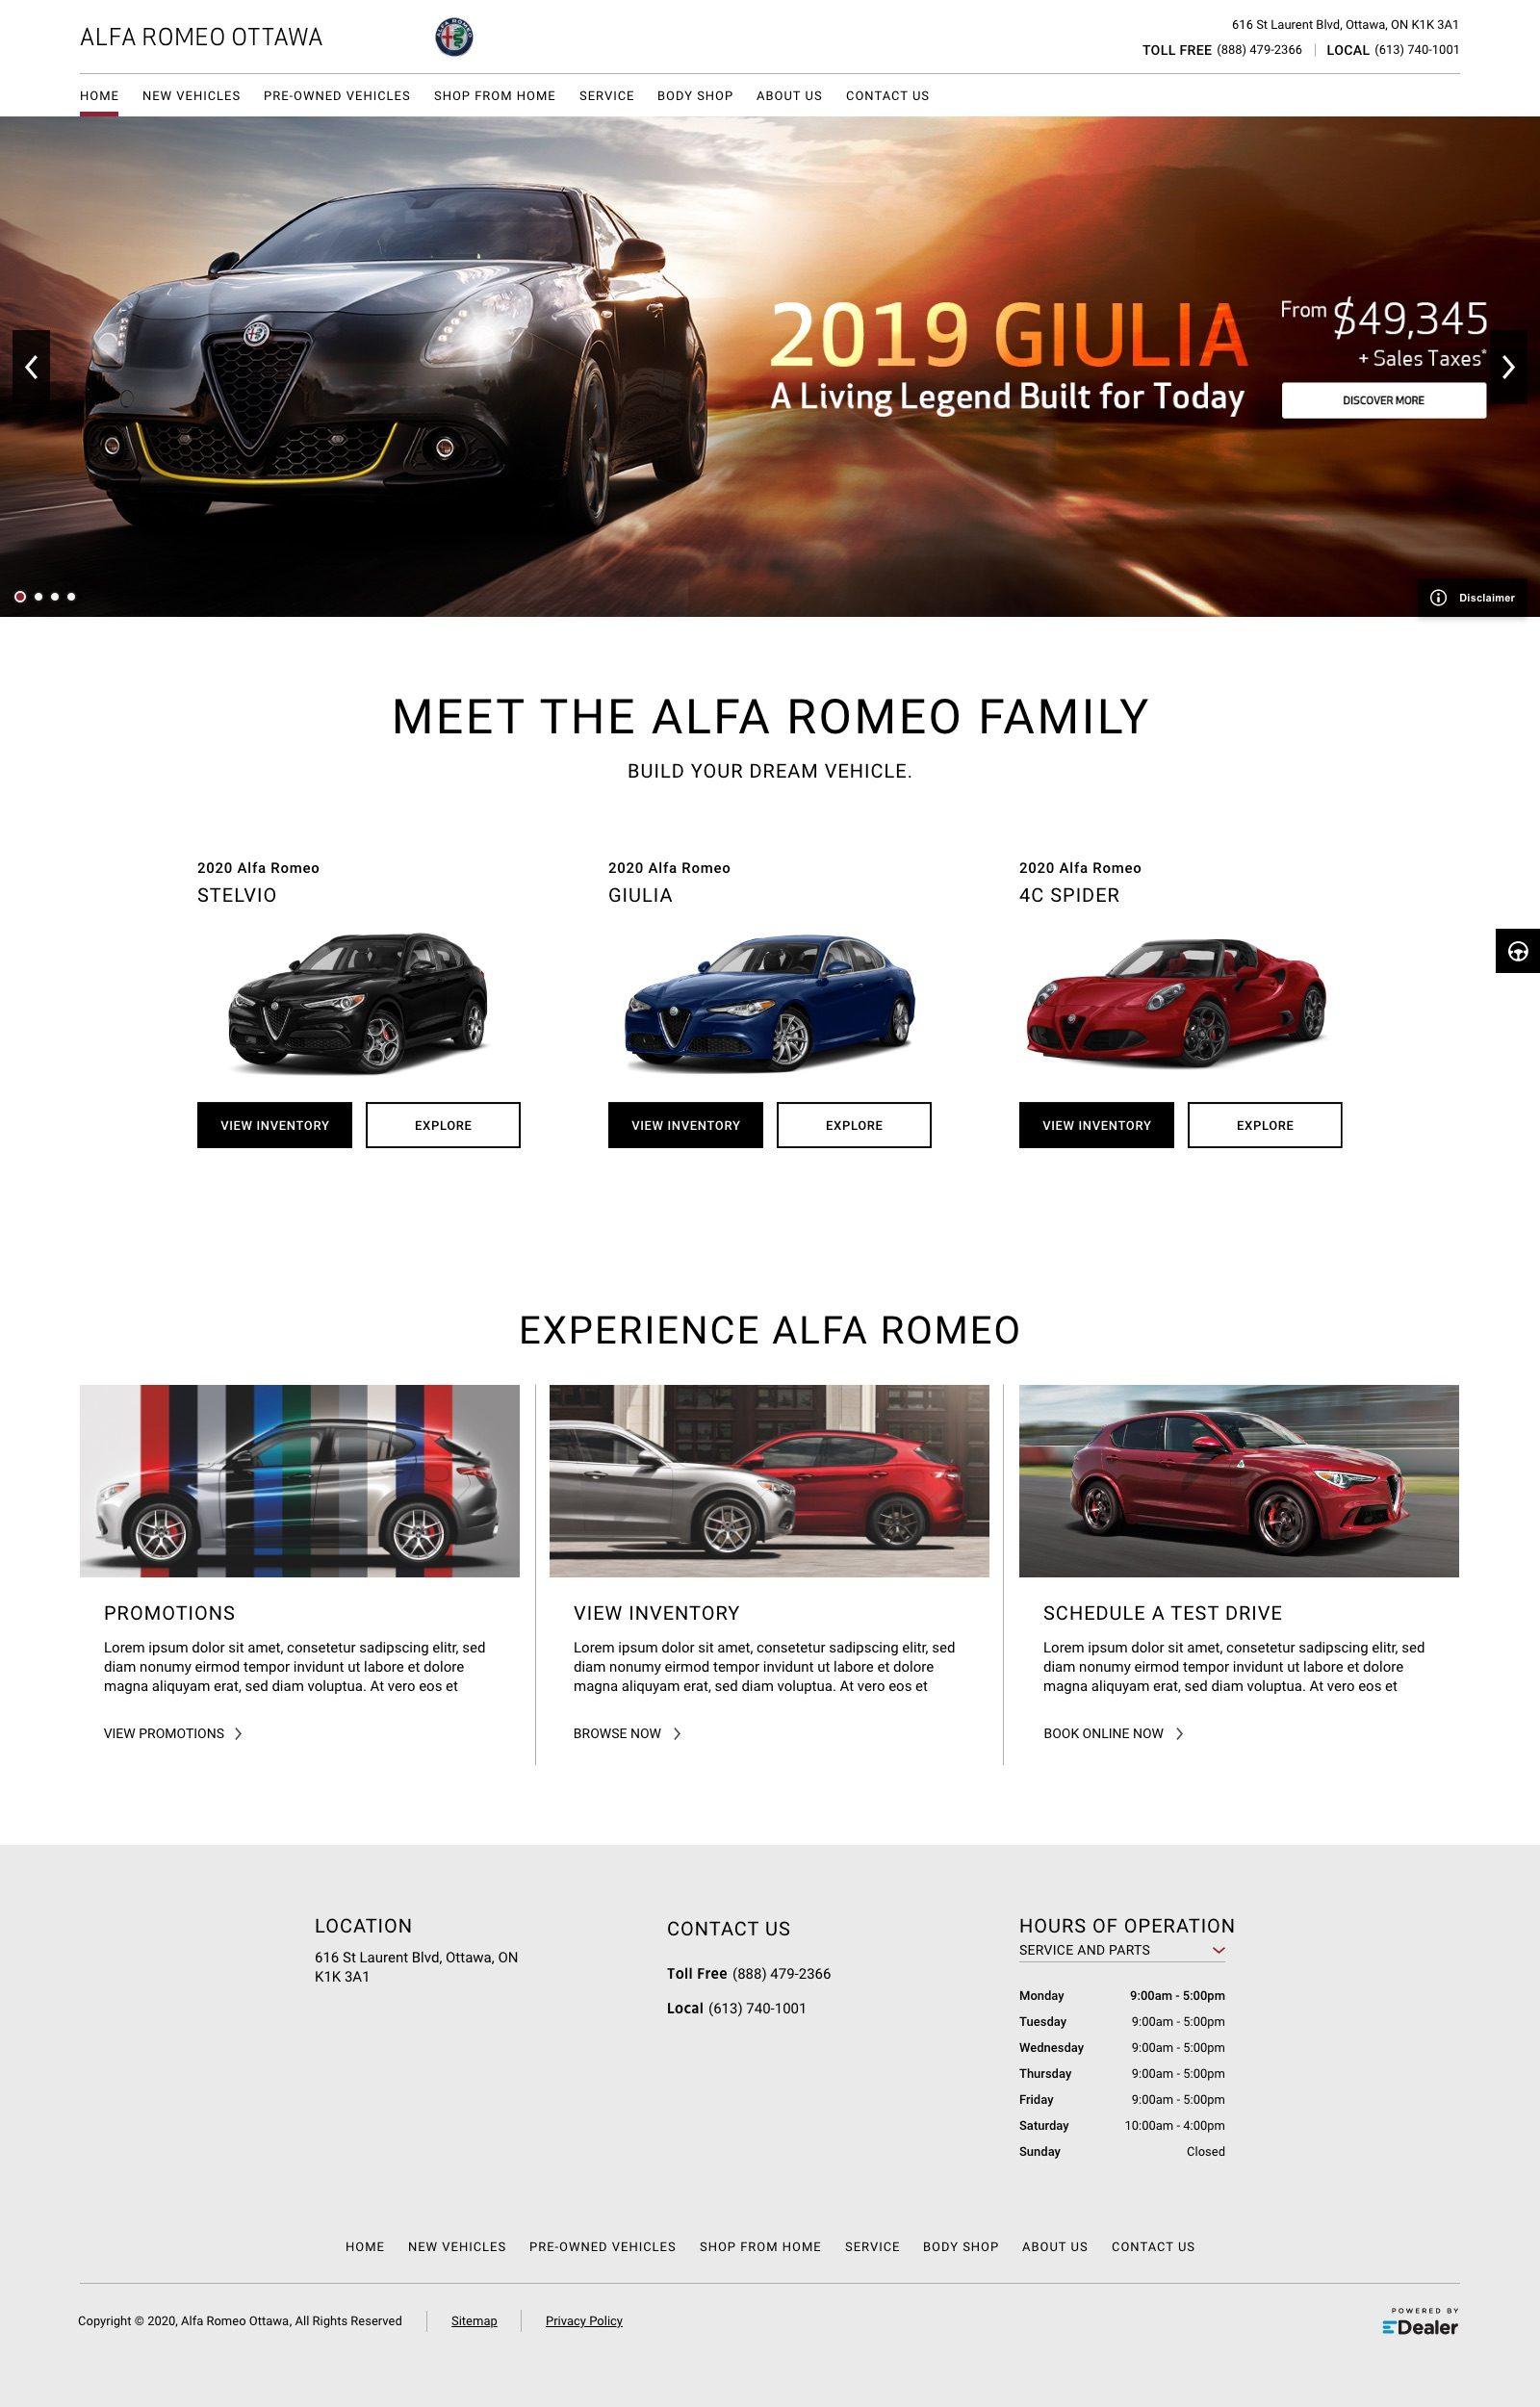 Alfa Romeo Ottawa